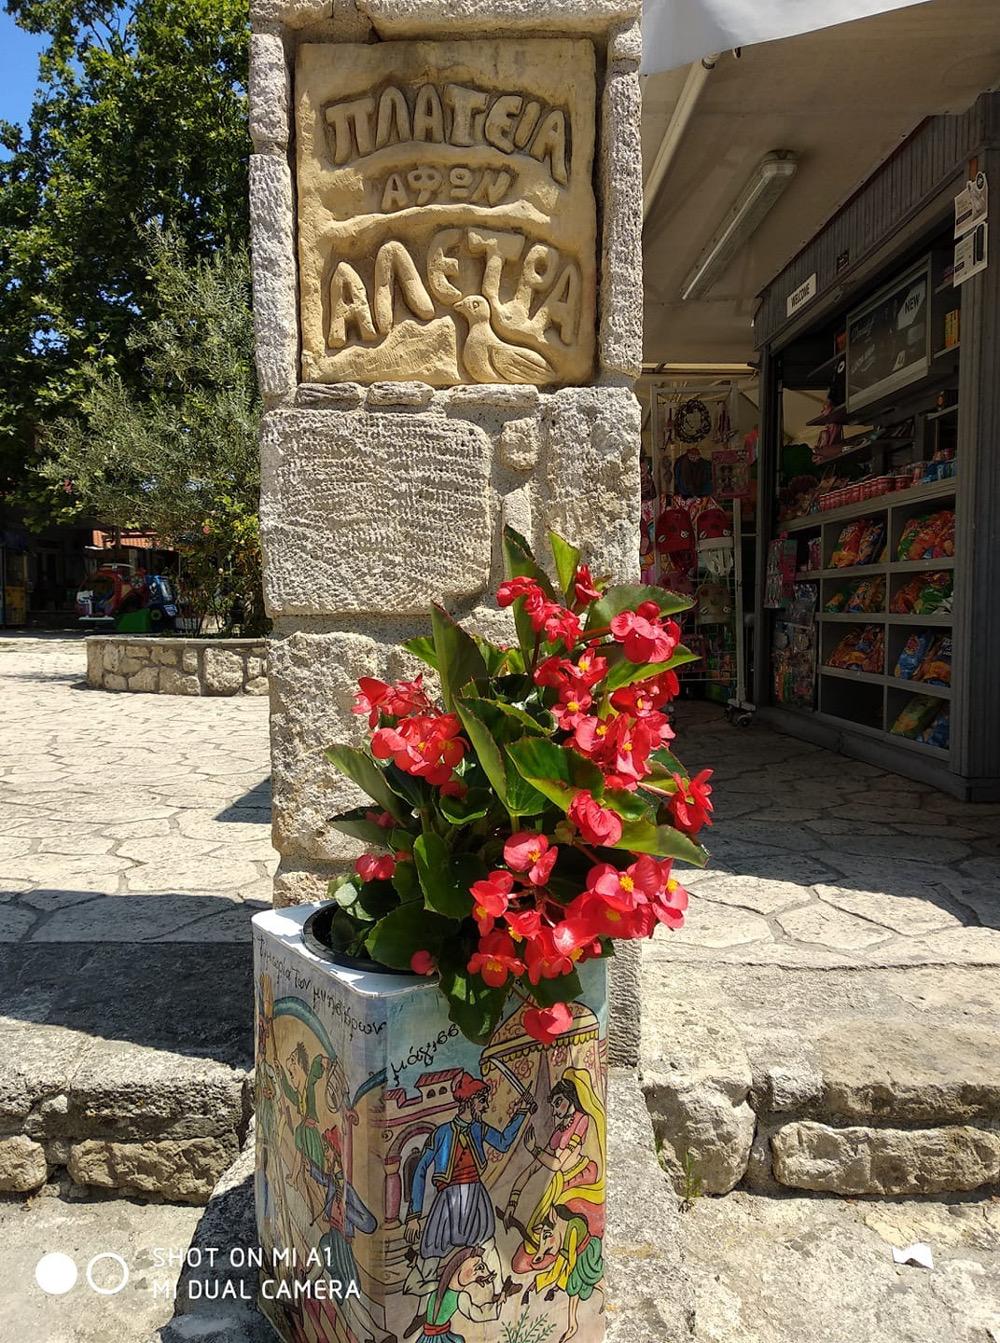 Τενεκές από τυρί με μια ζωγραφιά από την λαϊκή παράδοση κοσμεί πλατεία στην Άφυτο της Χαλκιδικής